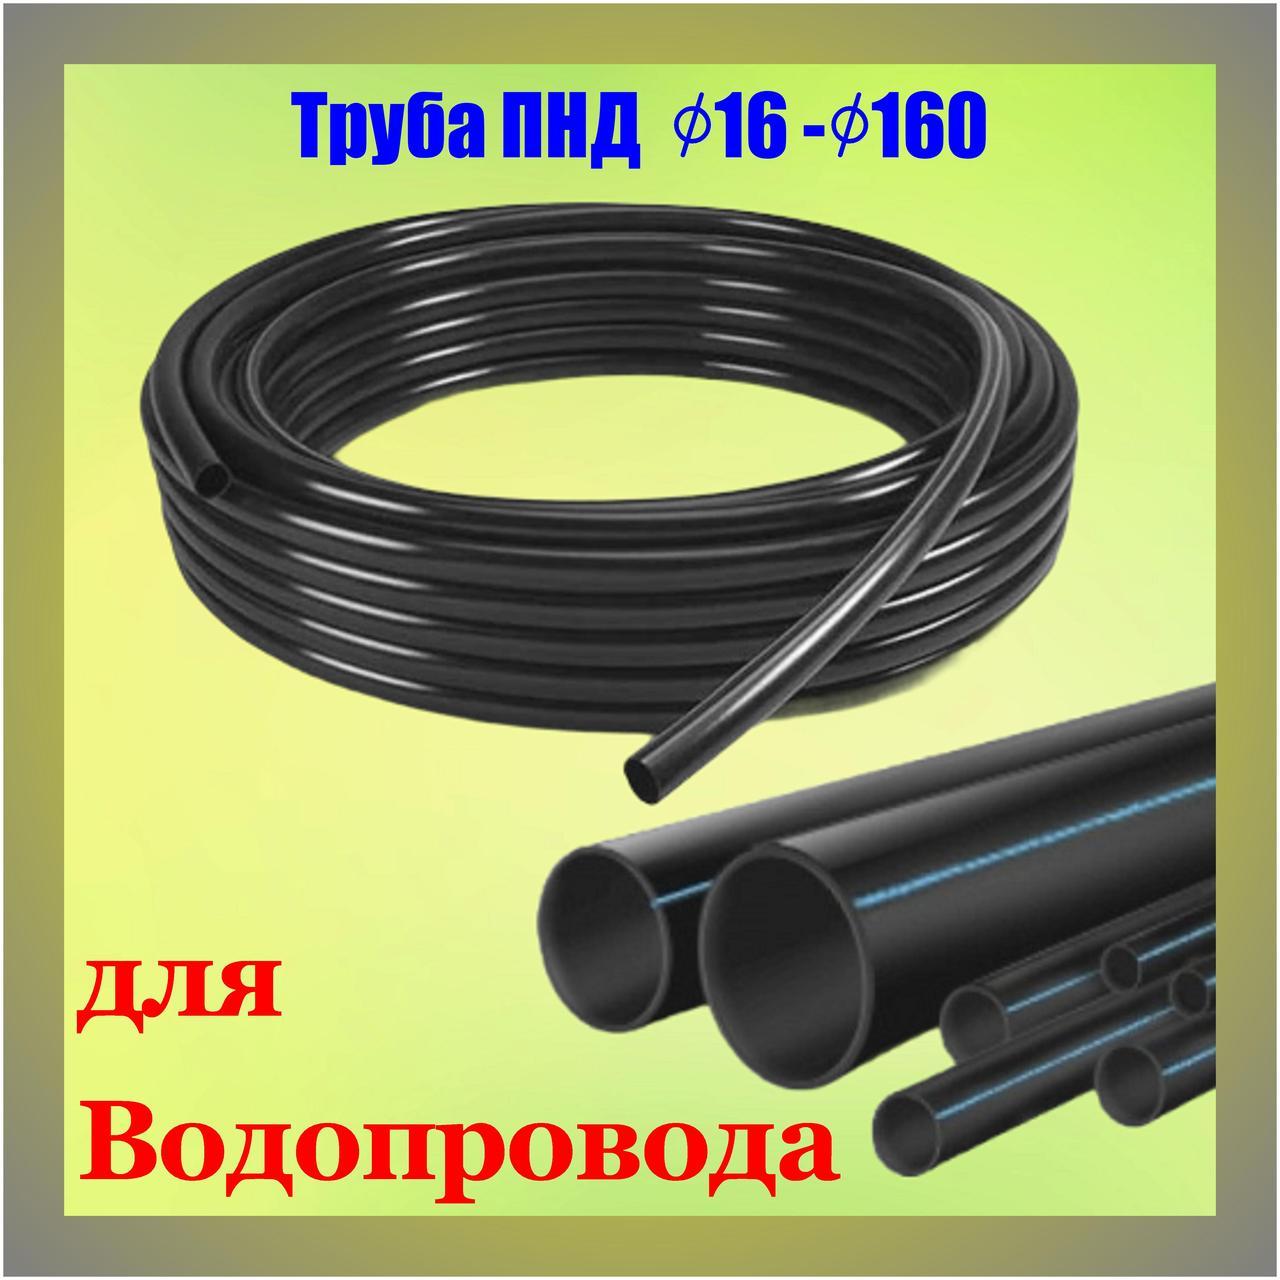 Труба ПНД 25х2,8 мм для водоснабжения